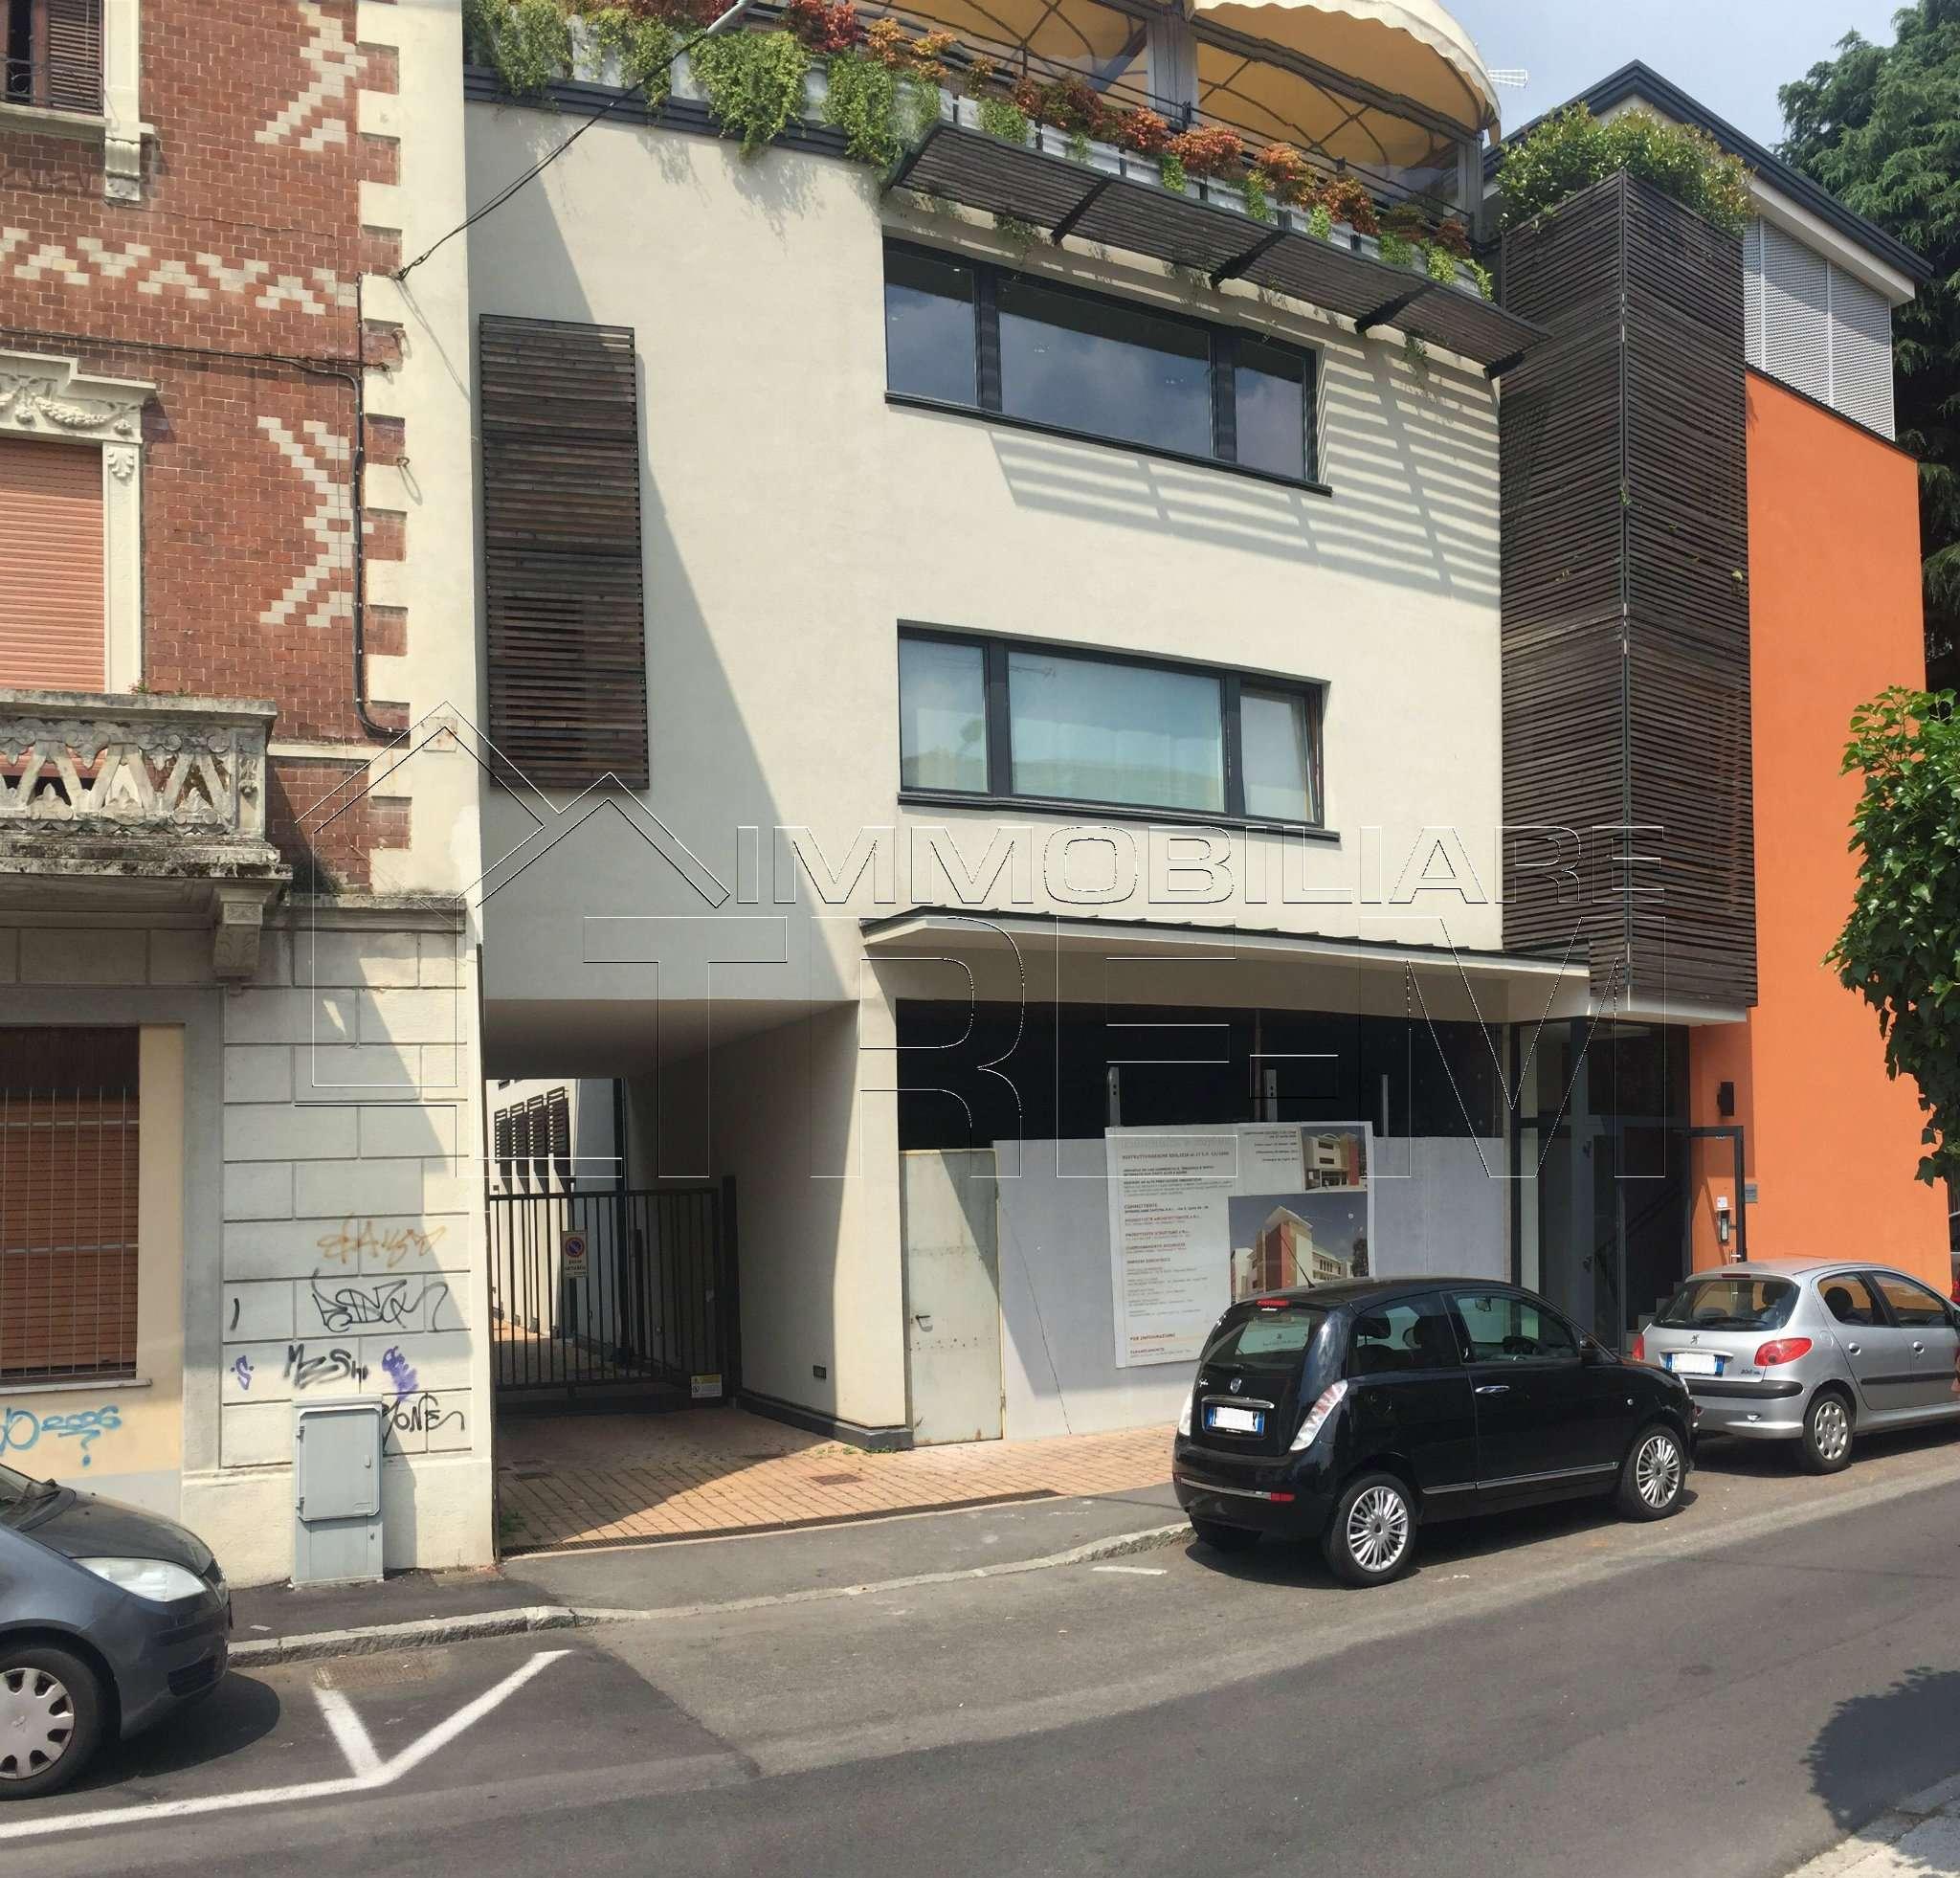 Case rho vendite case rho affitti rho for 3 piani di garage per auto con stanza bonus